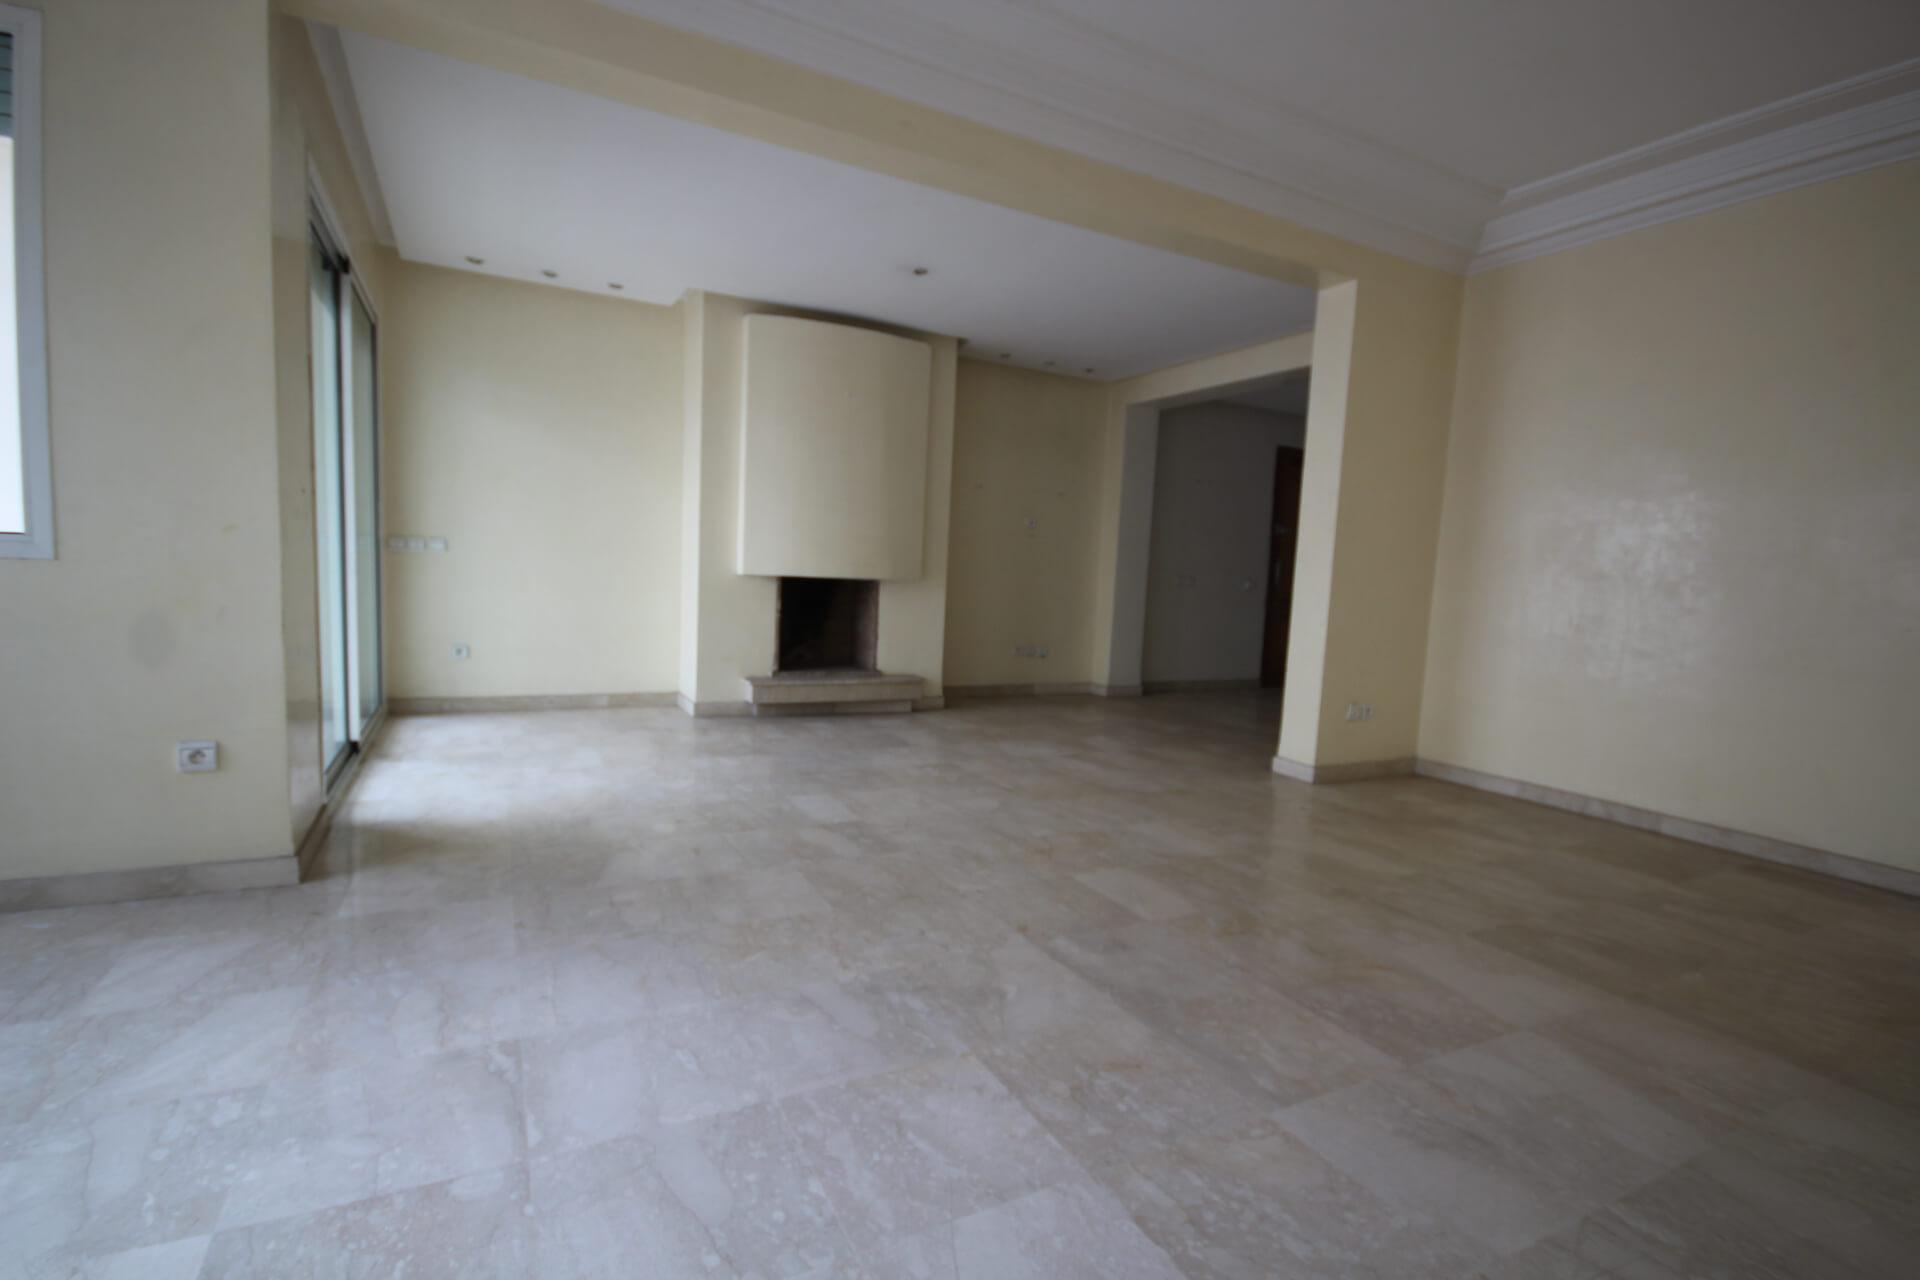 Maroc, Casablanca, RACINE, à acheter parfait luxueux appartement de 3 chambres bien exposé